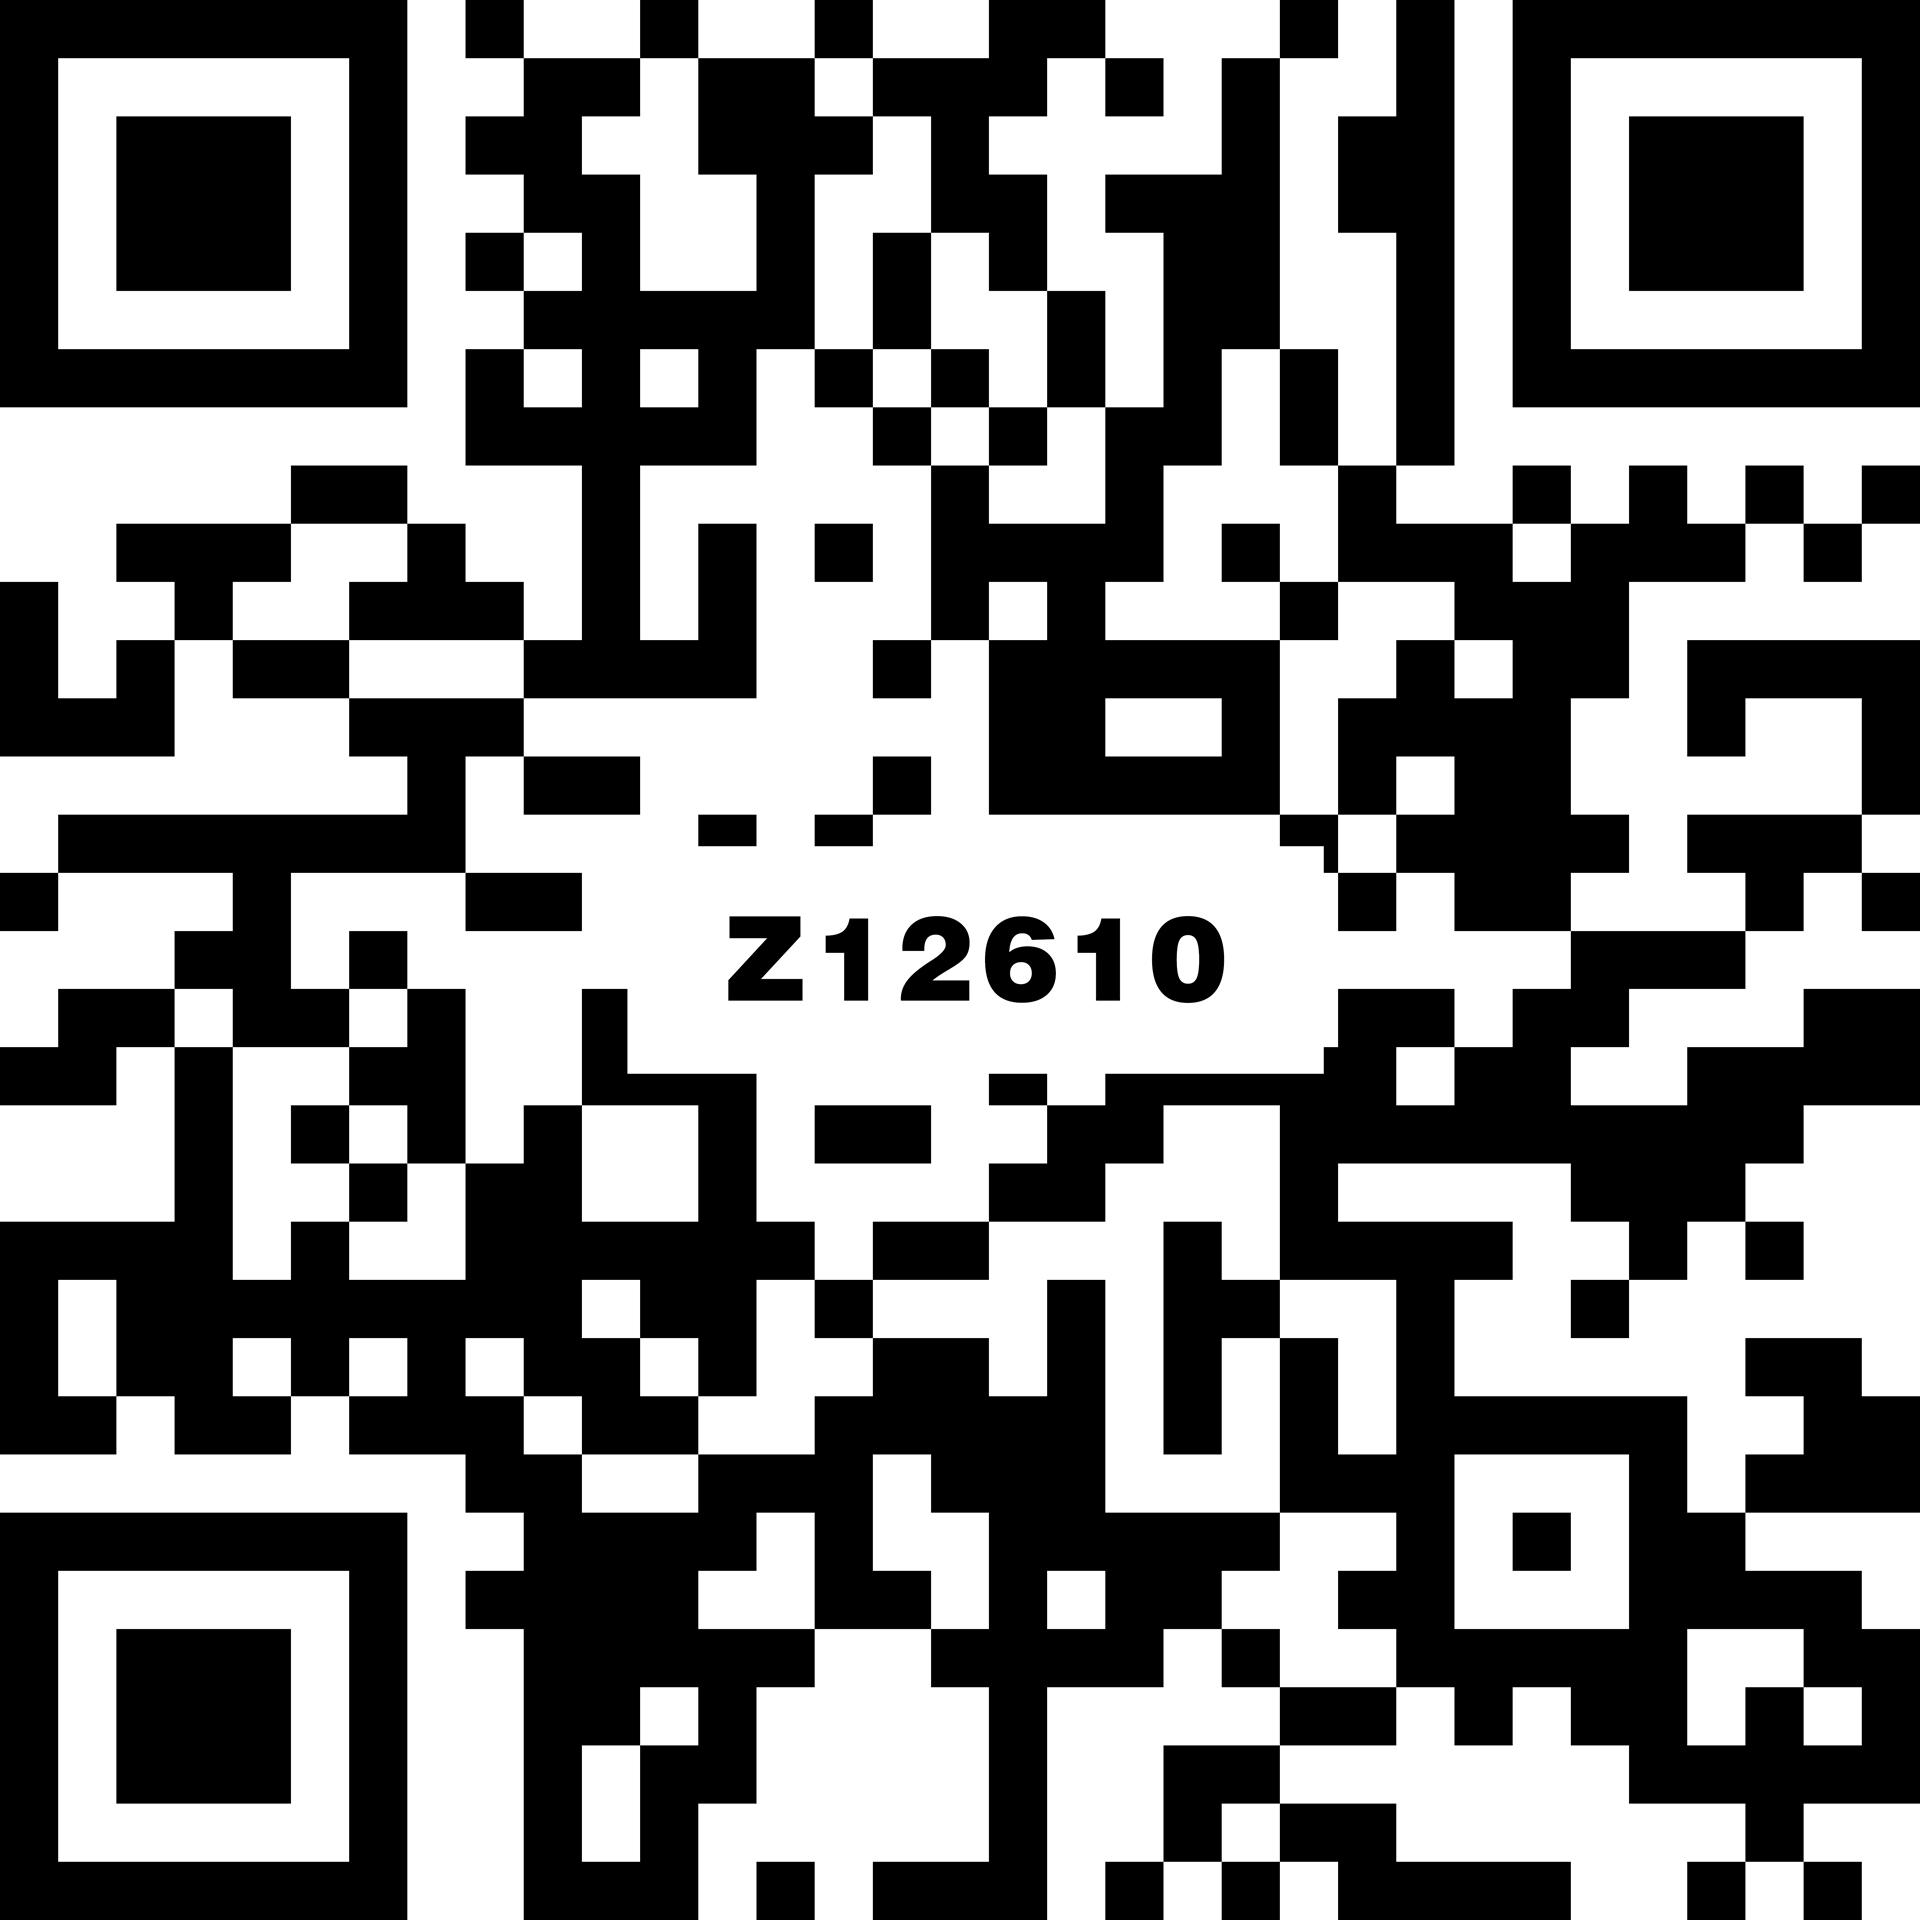 特朗普灰 Z12610